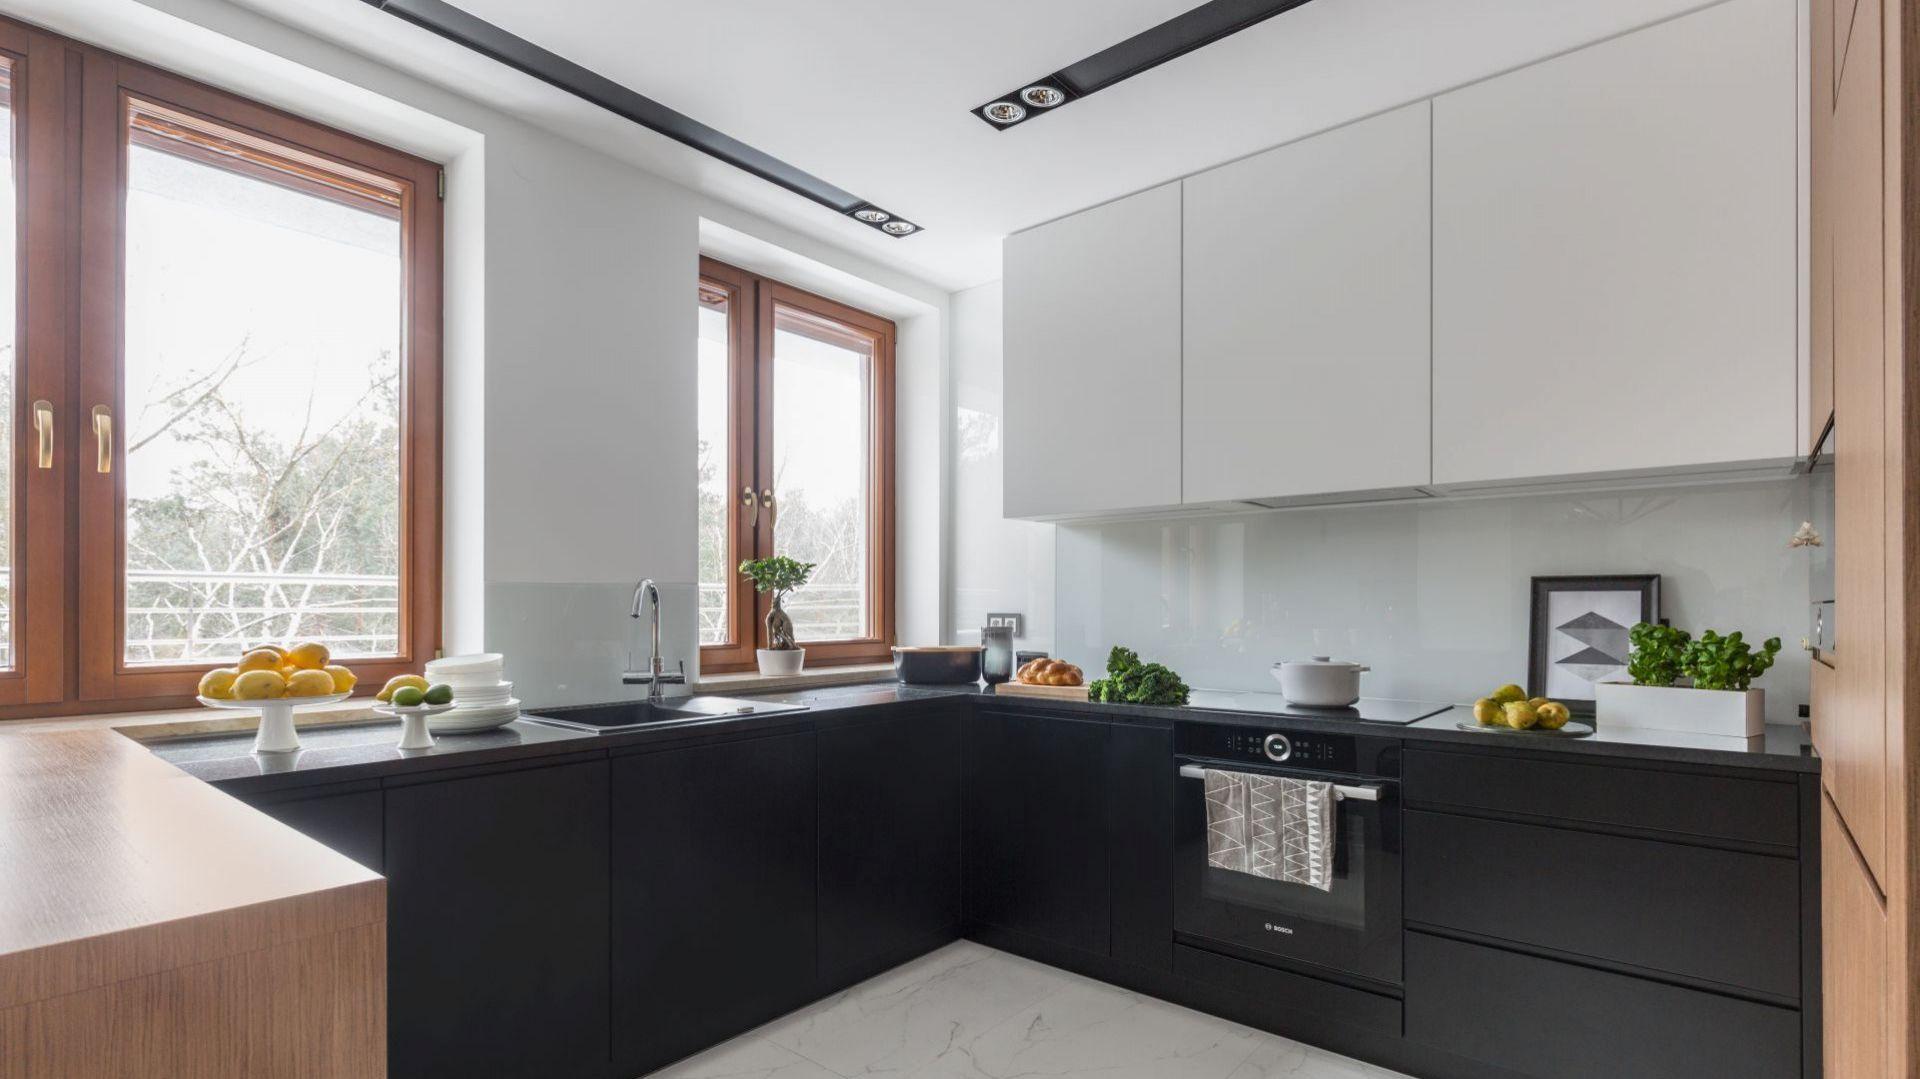 Białe szkło nad kuchennym blatem to najlepsze rozwiązanie do minimalistycznej, czarno-białej kuchni. Projekt Decoroom. Zdjęcia i stylizacja Marta Behling  Pion Poziom Fotografia Wnętrz